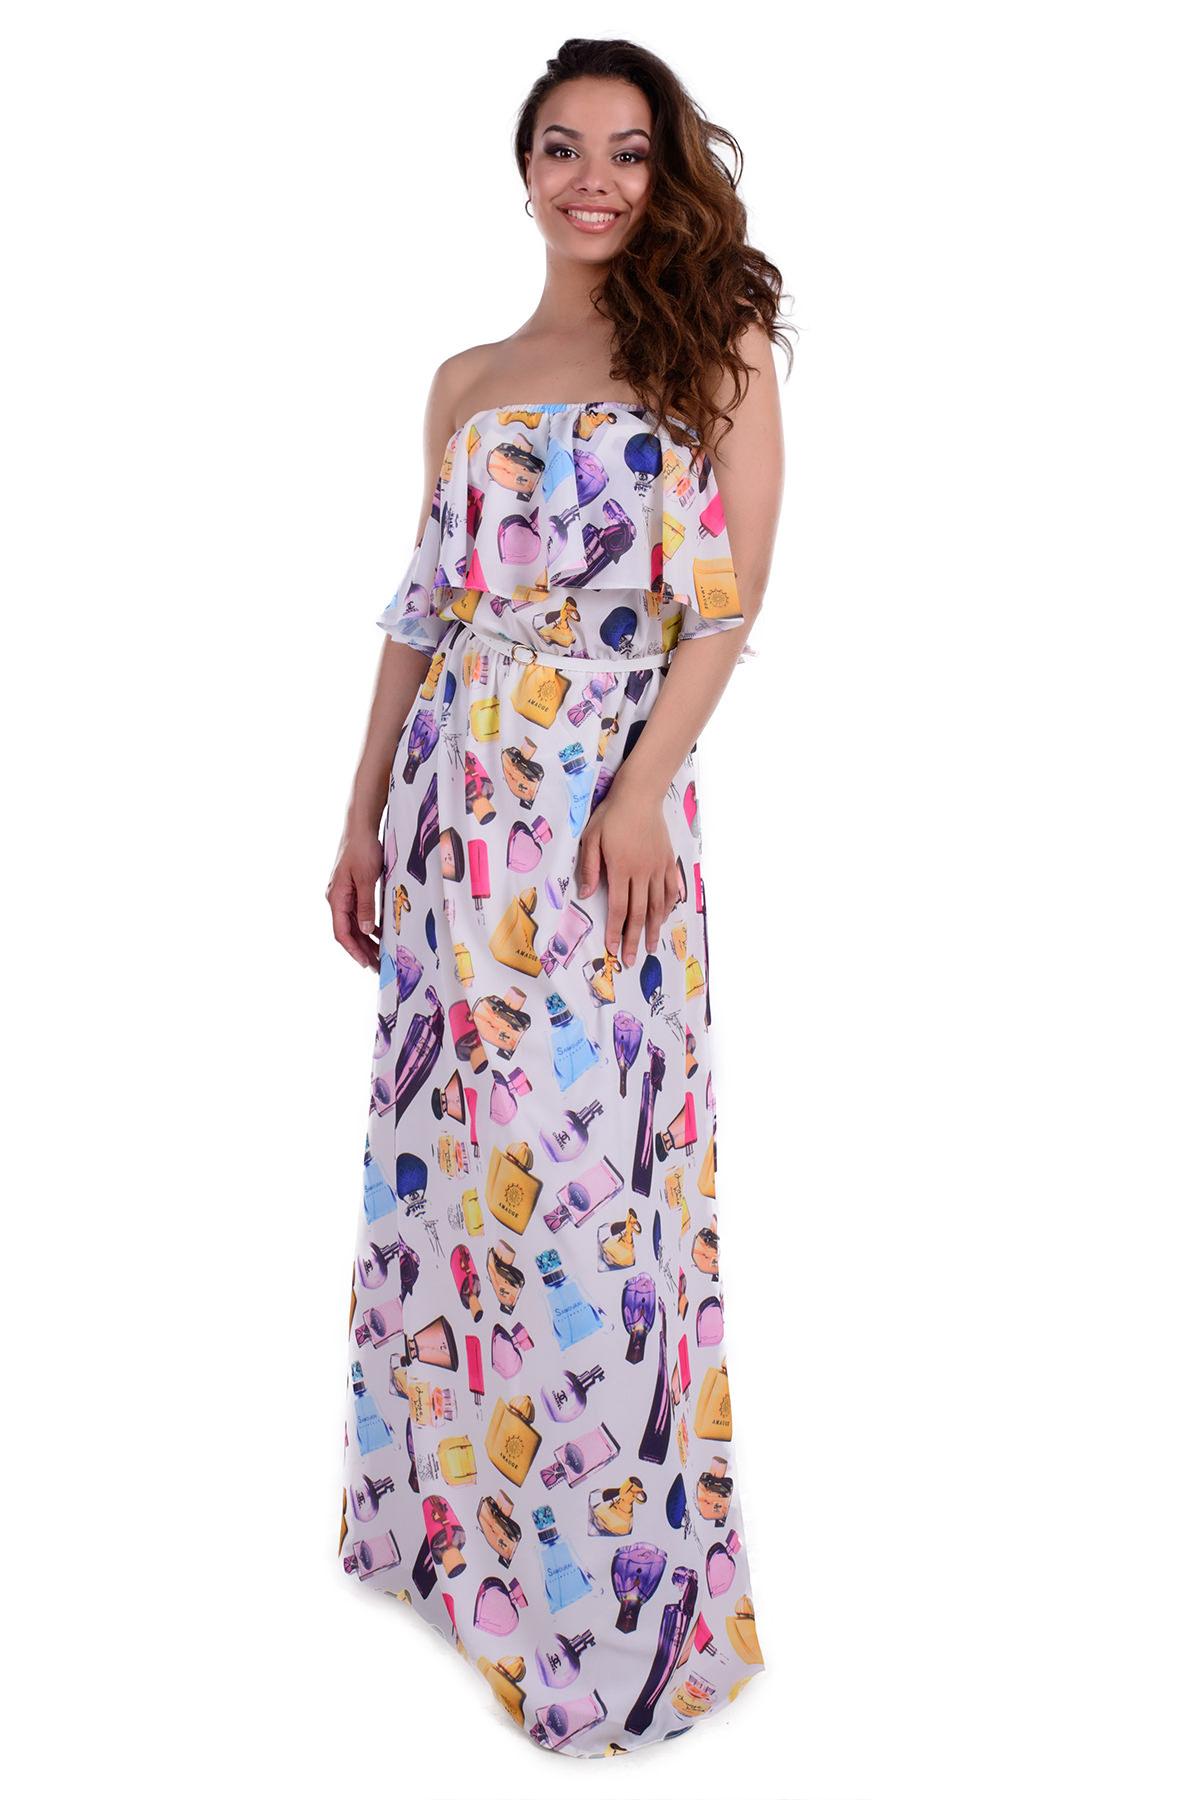 db9867e99d8 Женская одежда оптом от производителя Платье Крис креп шифон принт стрейч